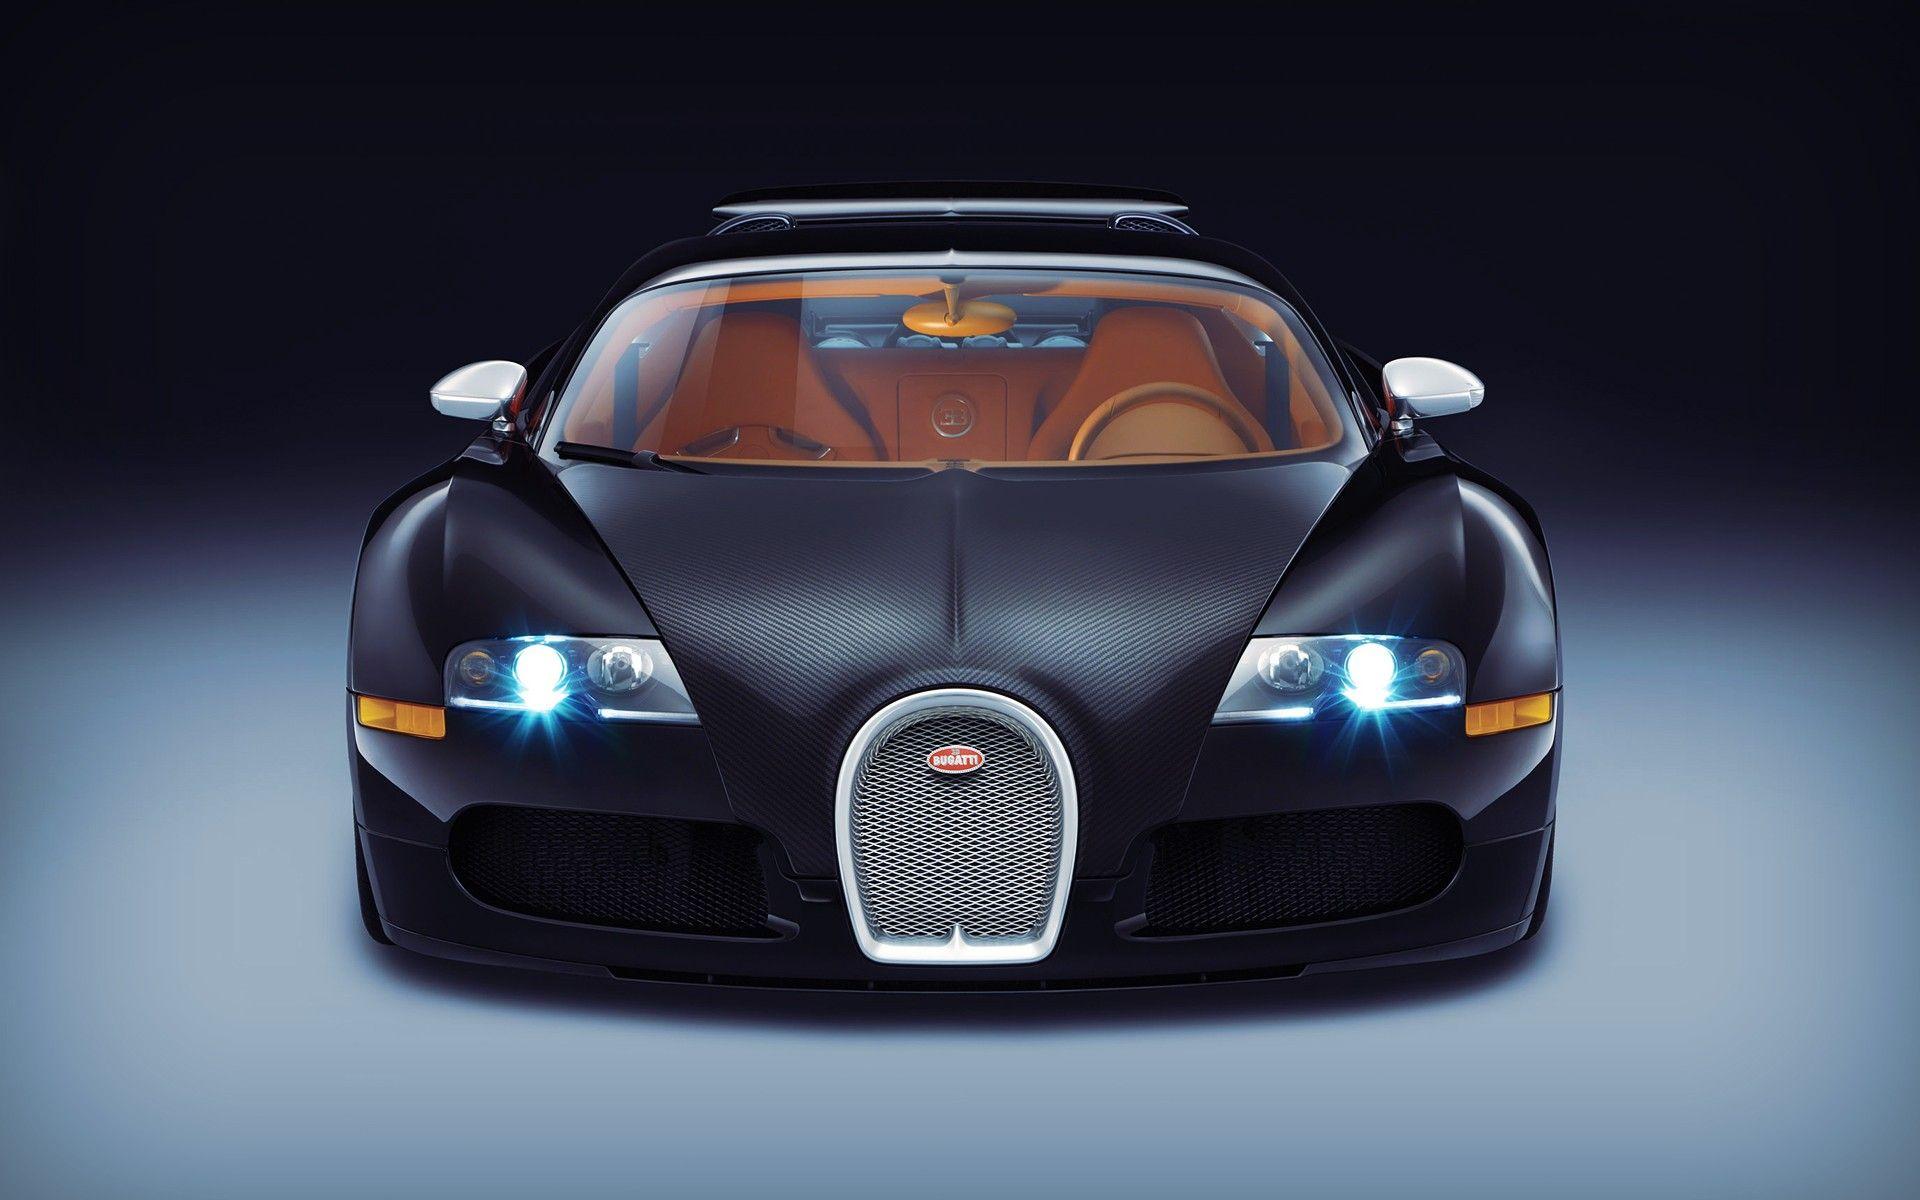 Bugatti Veyron Wallpaper HD Car Wallpapers